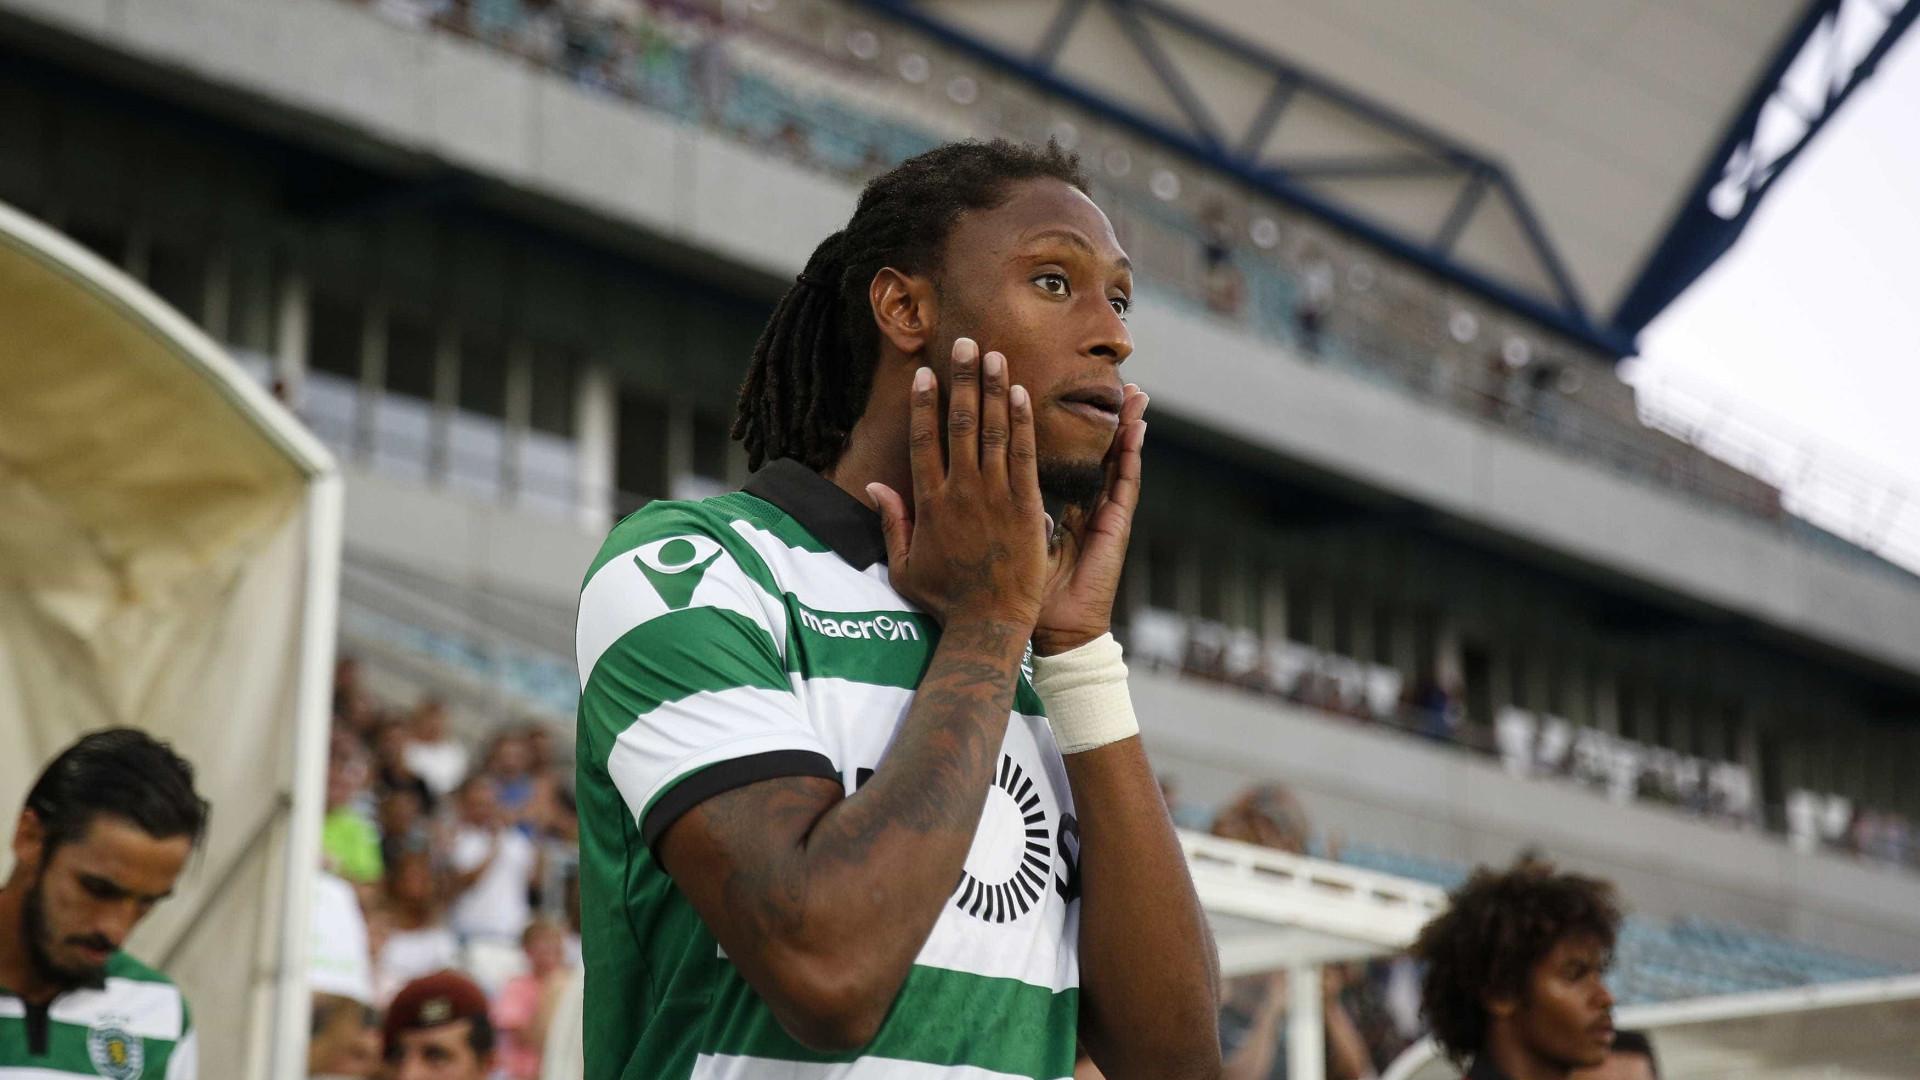 Rúben Semedo falha treino dos sub-21 devido a mudança para o Villarreal 0314435e9ff65